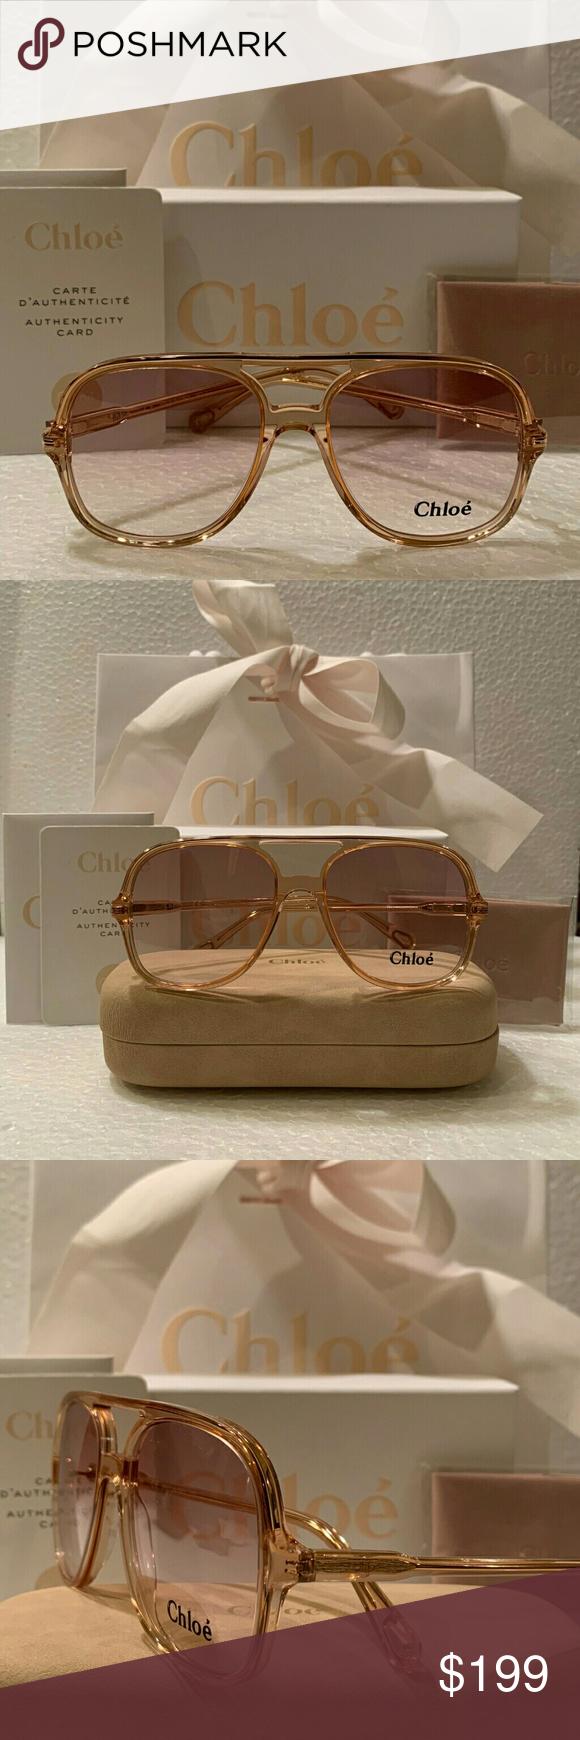 2ad835311b6f Chloe Luxury Eyeglass Frame CE2722 Chloe Luxury Eyeglass Frame CE2722 color 749  Chloe Accessories Glasses